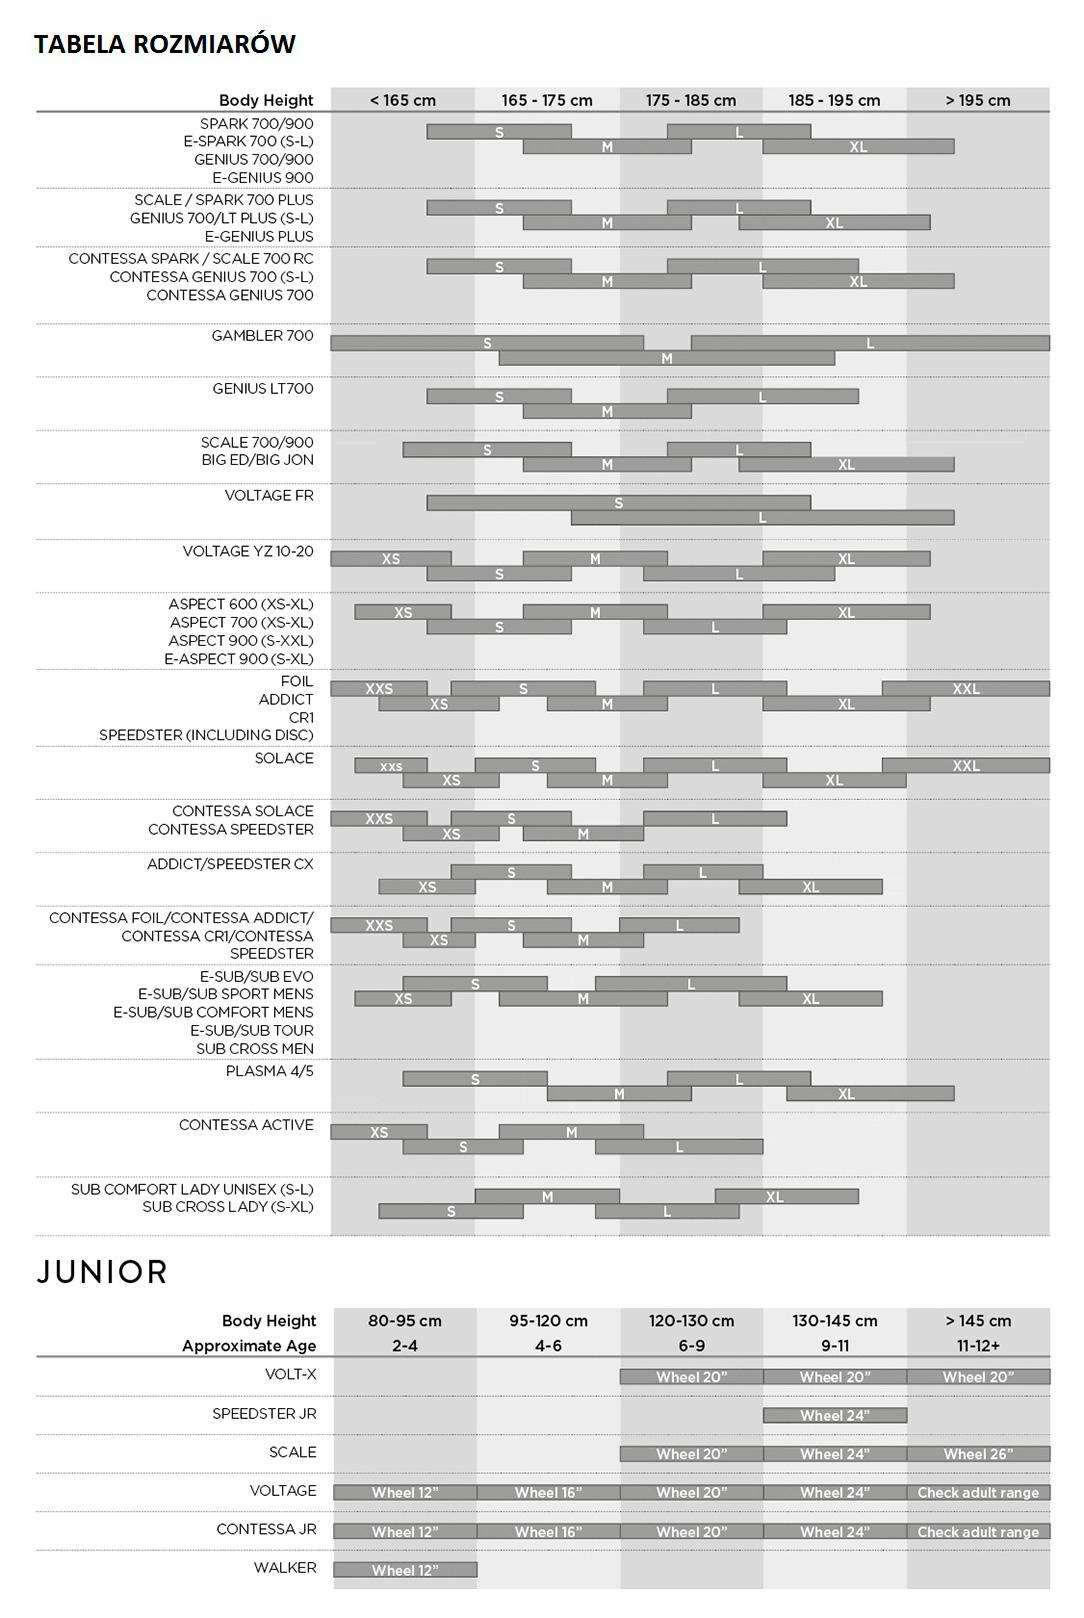 Tabela rozmiarów 2016